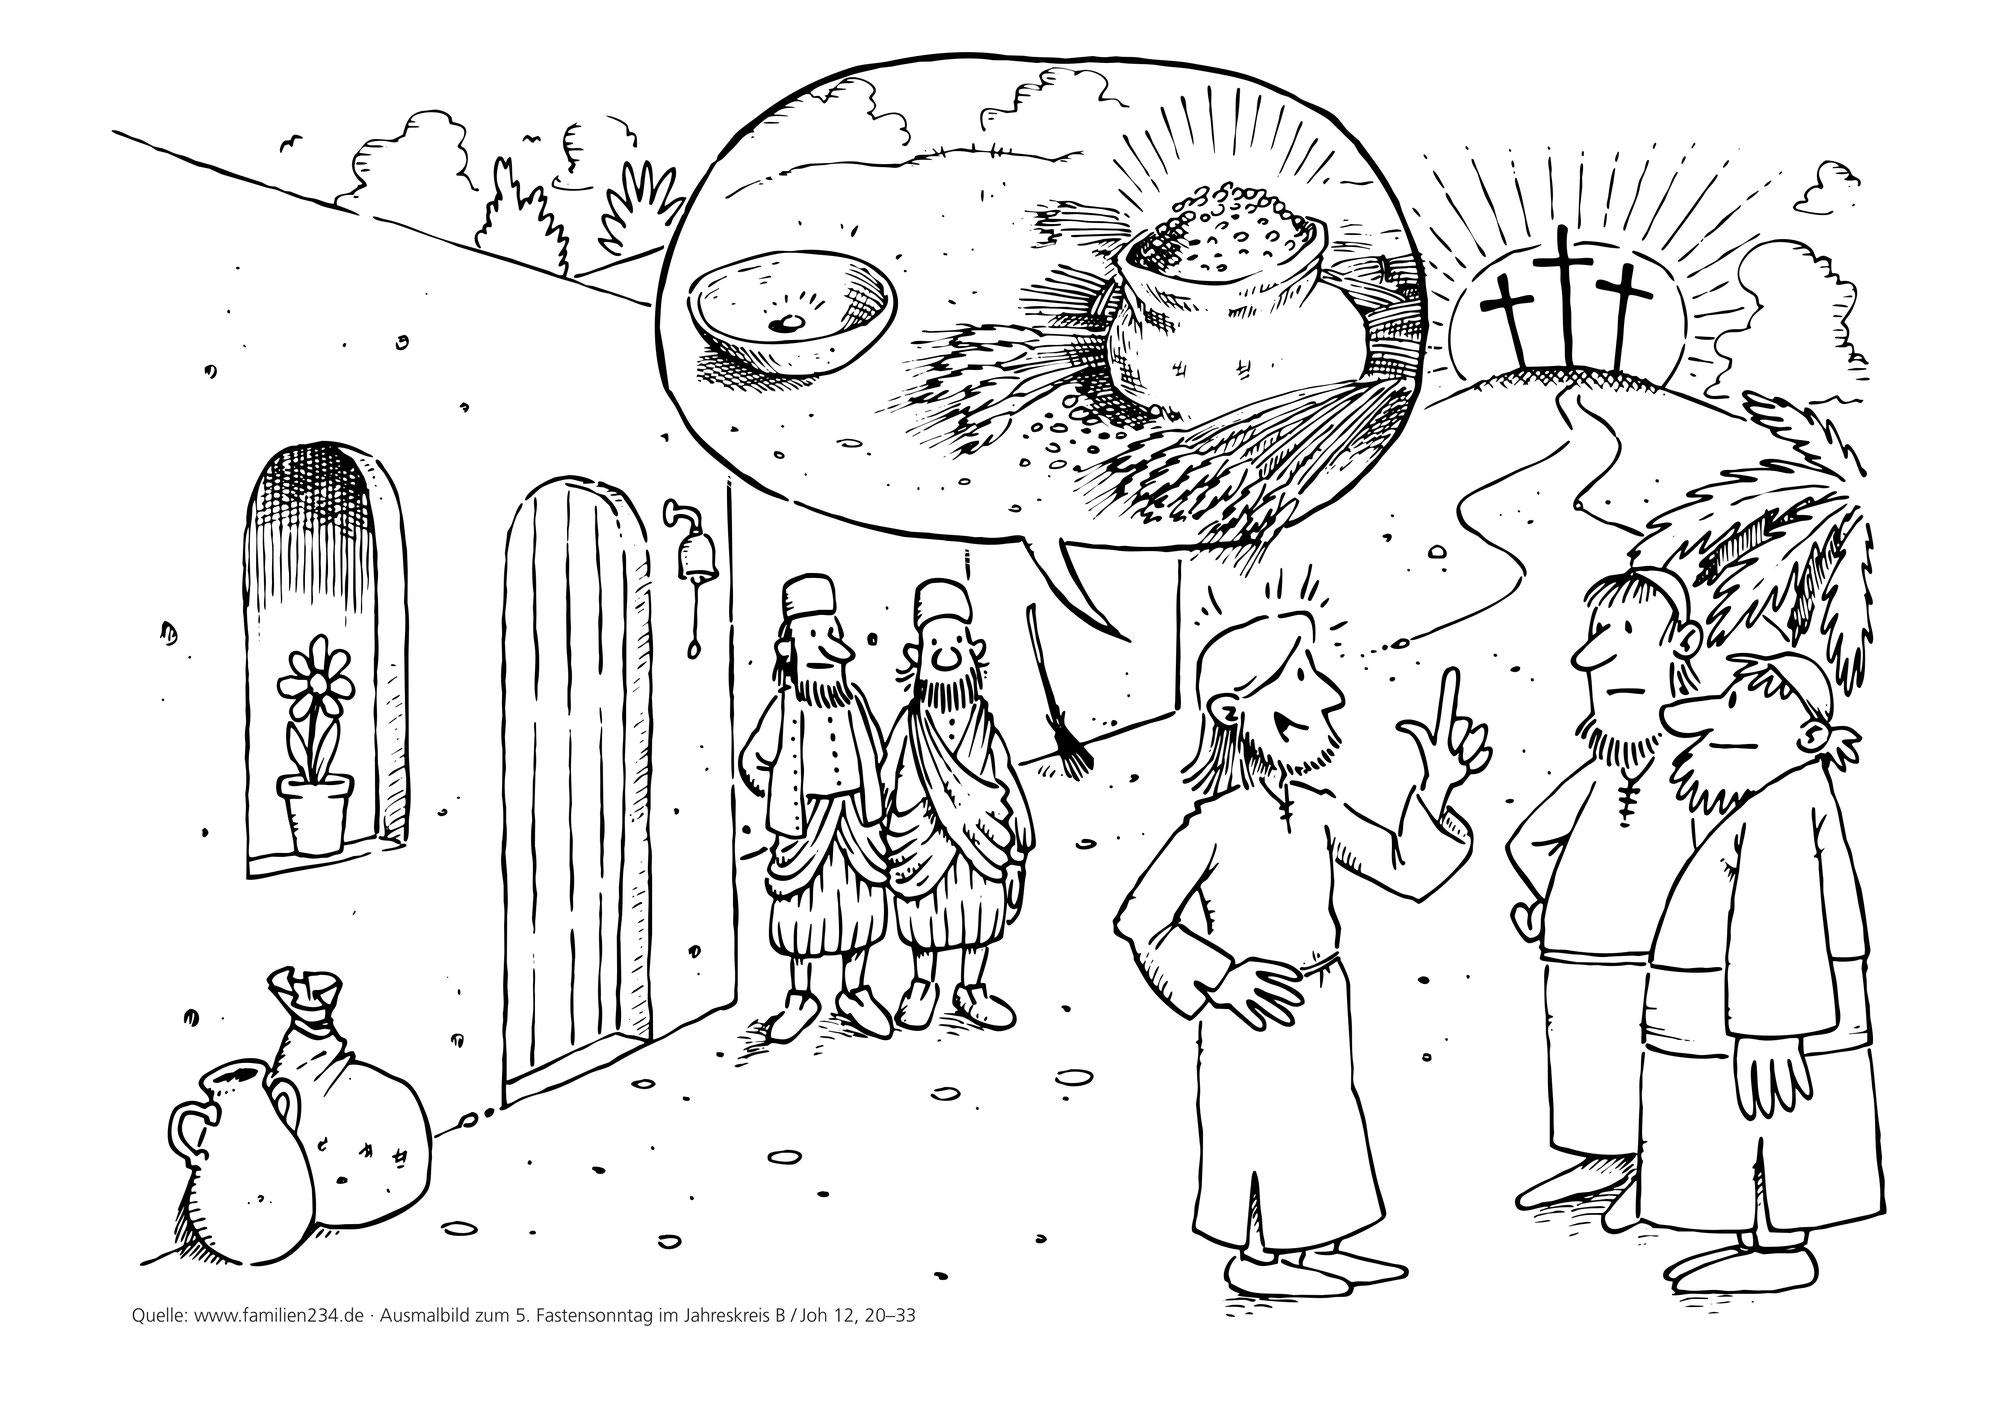 5.Fastensonntag - 5ème dimanche de carême